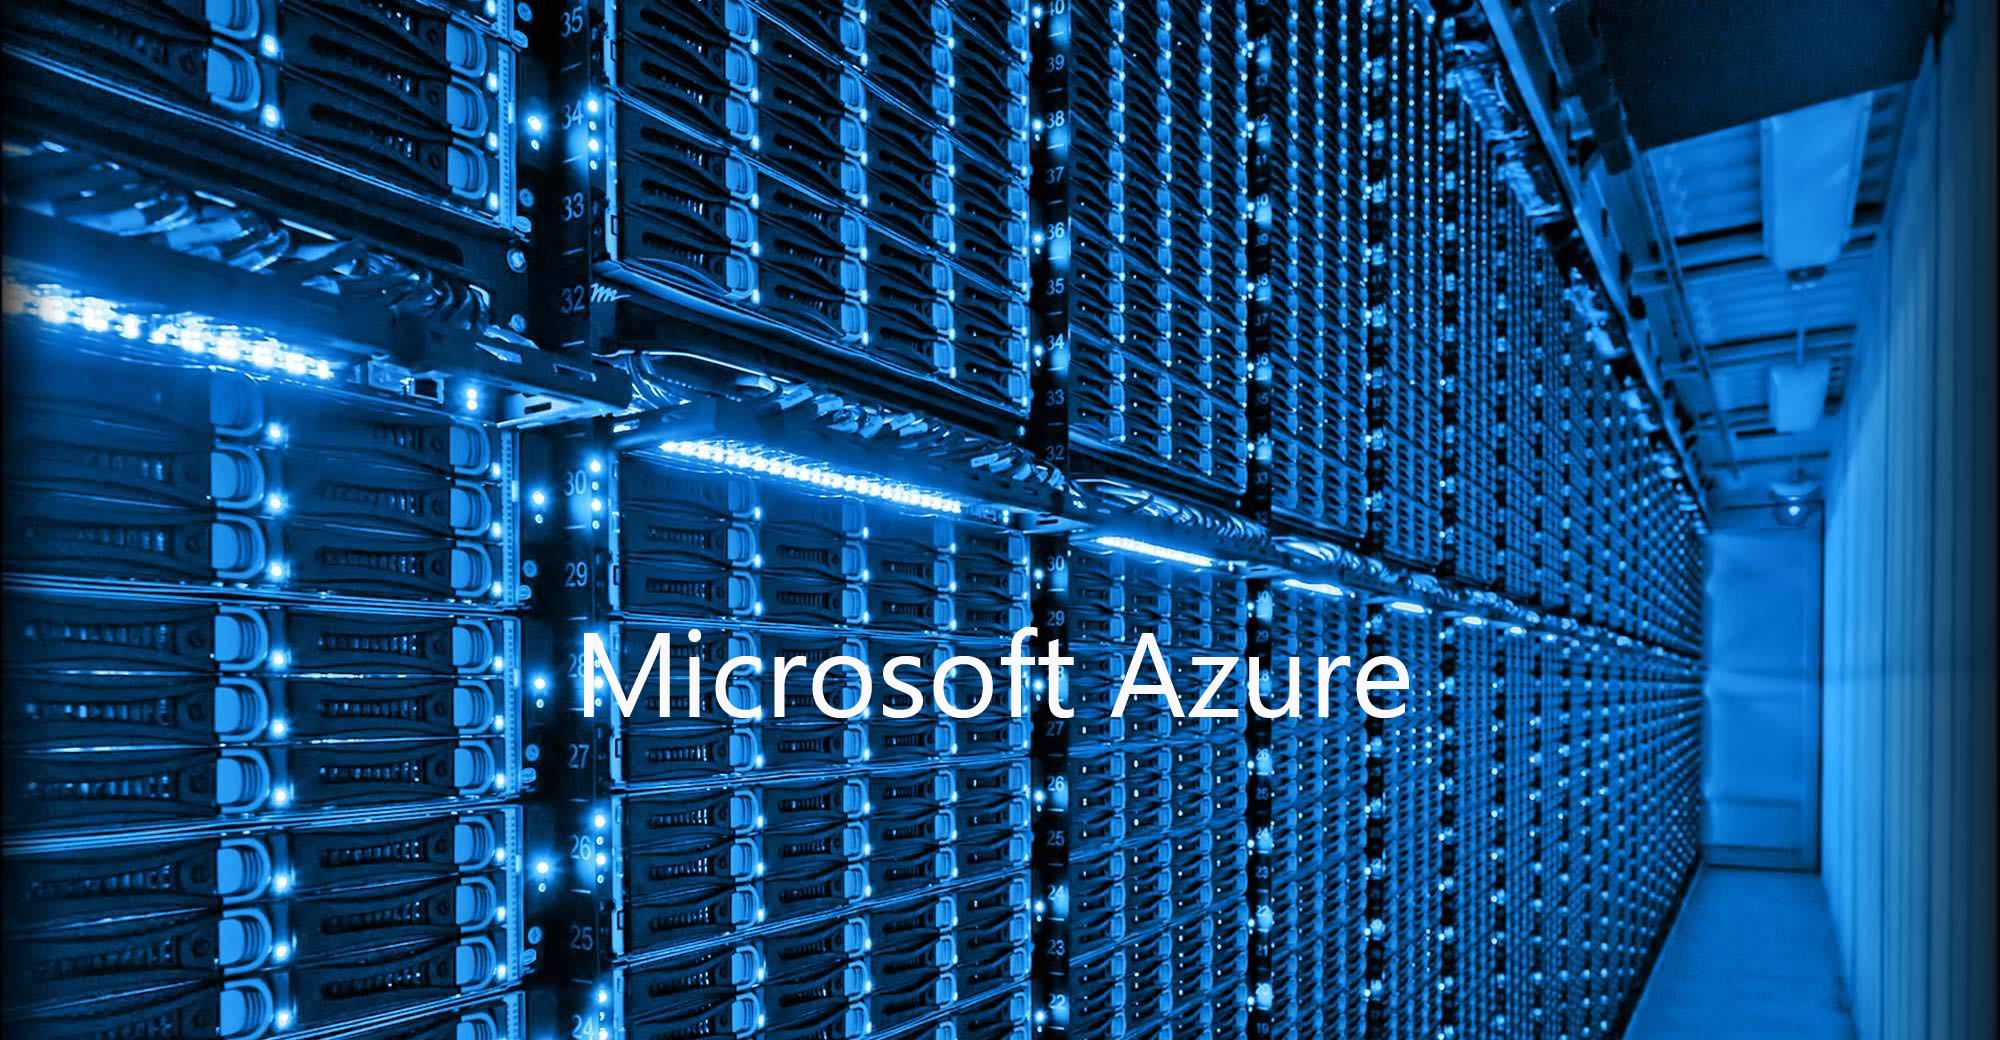 Microsoft Azure, La nube de Confianza